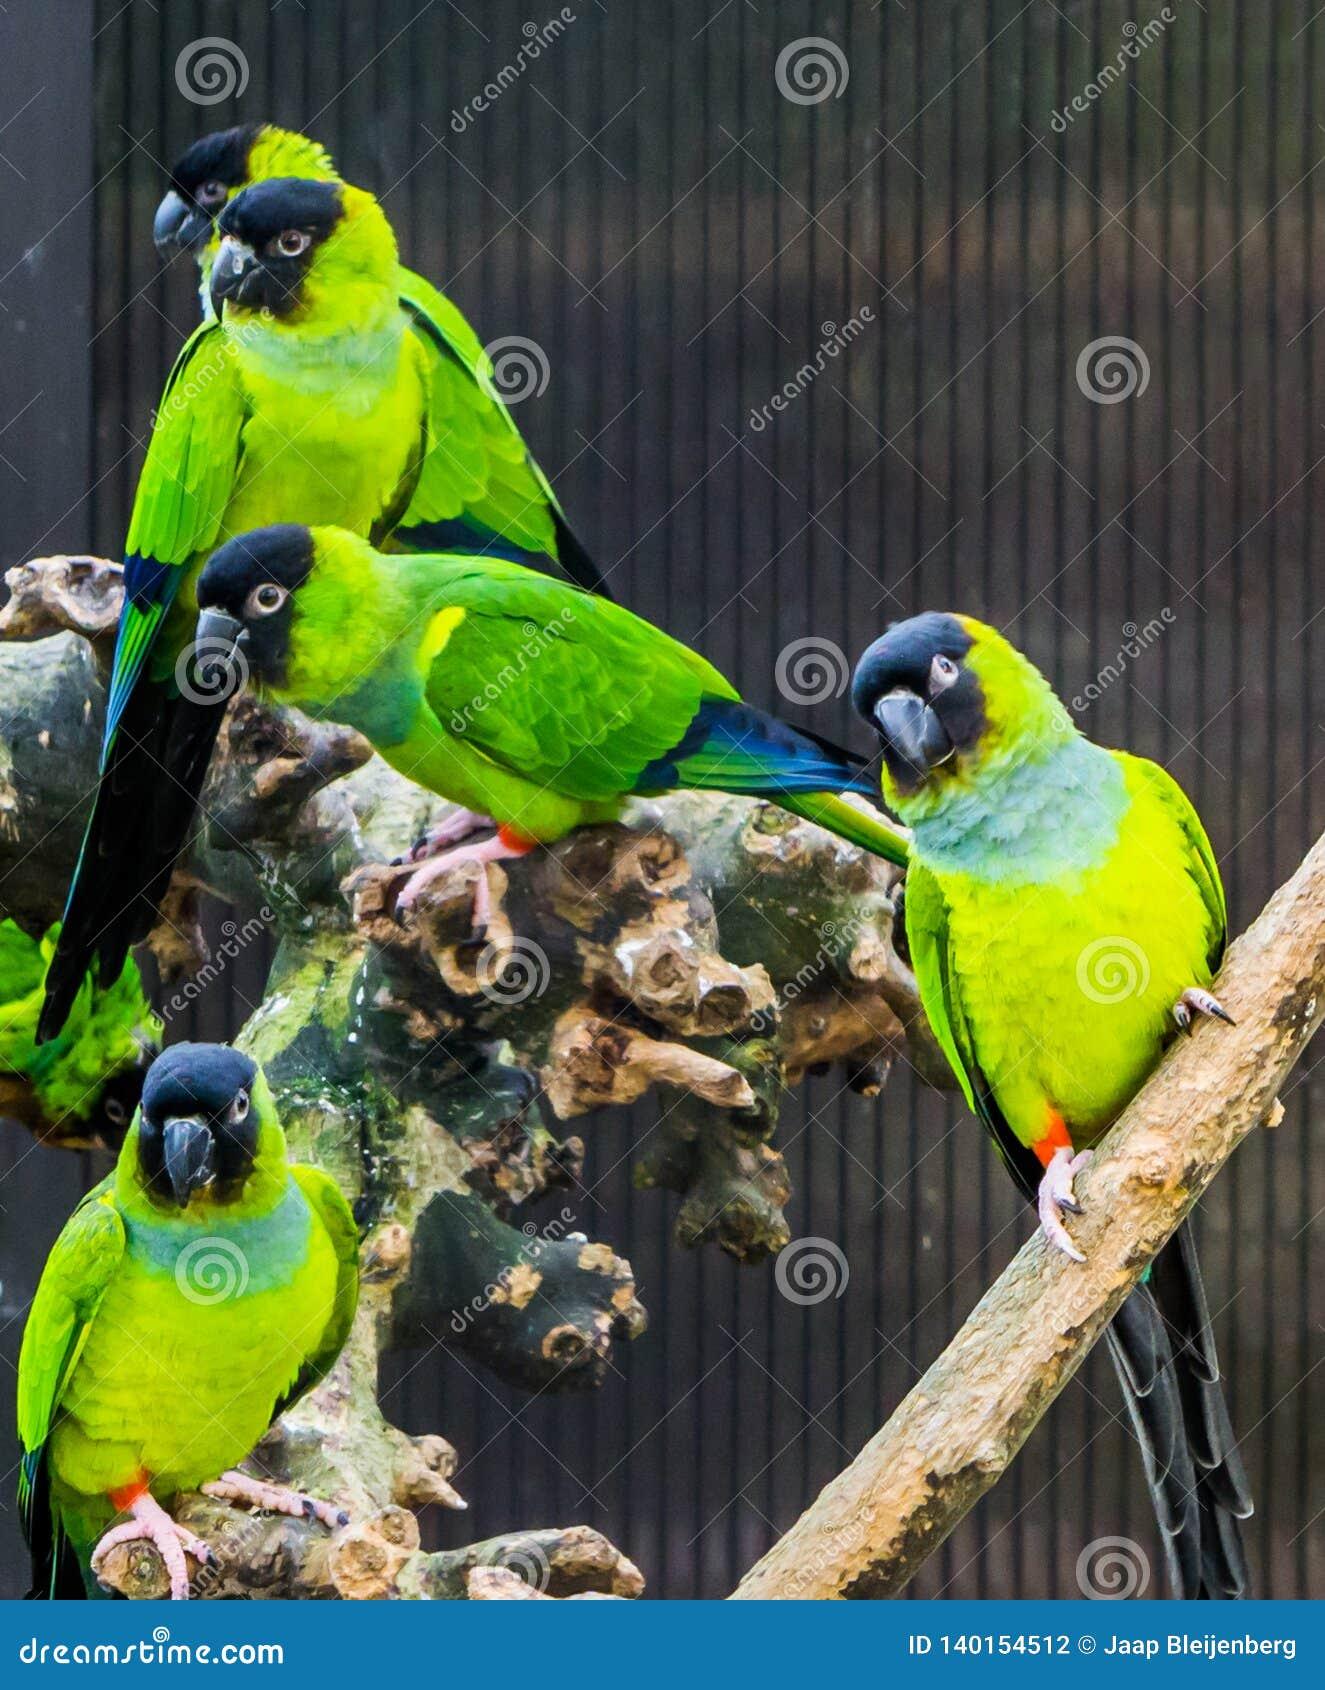 Ομάδα Nanday parakeets μαζί στο κλουβί, δημοφιλή κατοικίδια ζώα από τους τροπικών και ζωηρόχρωμων μικρούς παπαγάλους της Αμερικής